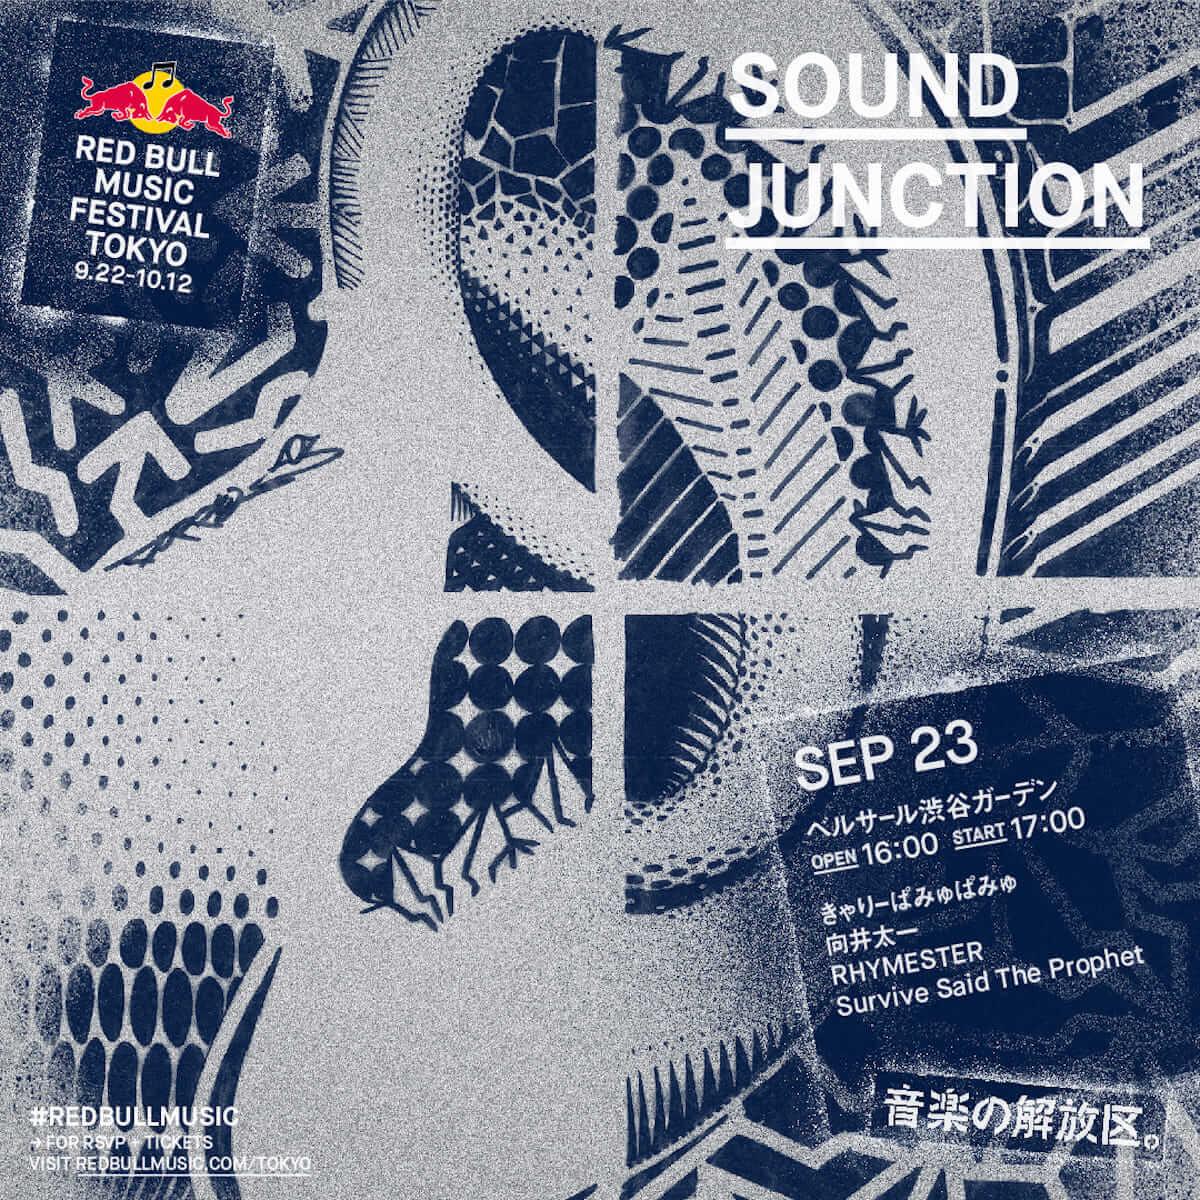 昨年ユニークでサプライズだらけの演出が話題を呼んだ「SOUND JUNCTION」が9月に開催 music180824-sound-junction-3-1200x1200